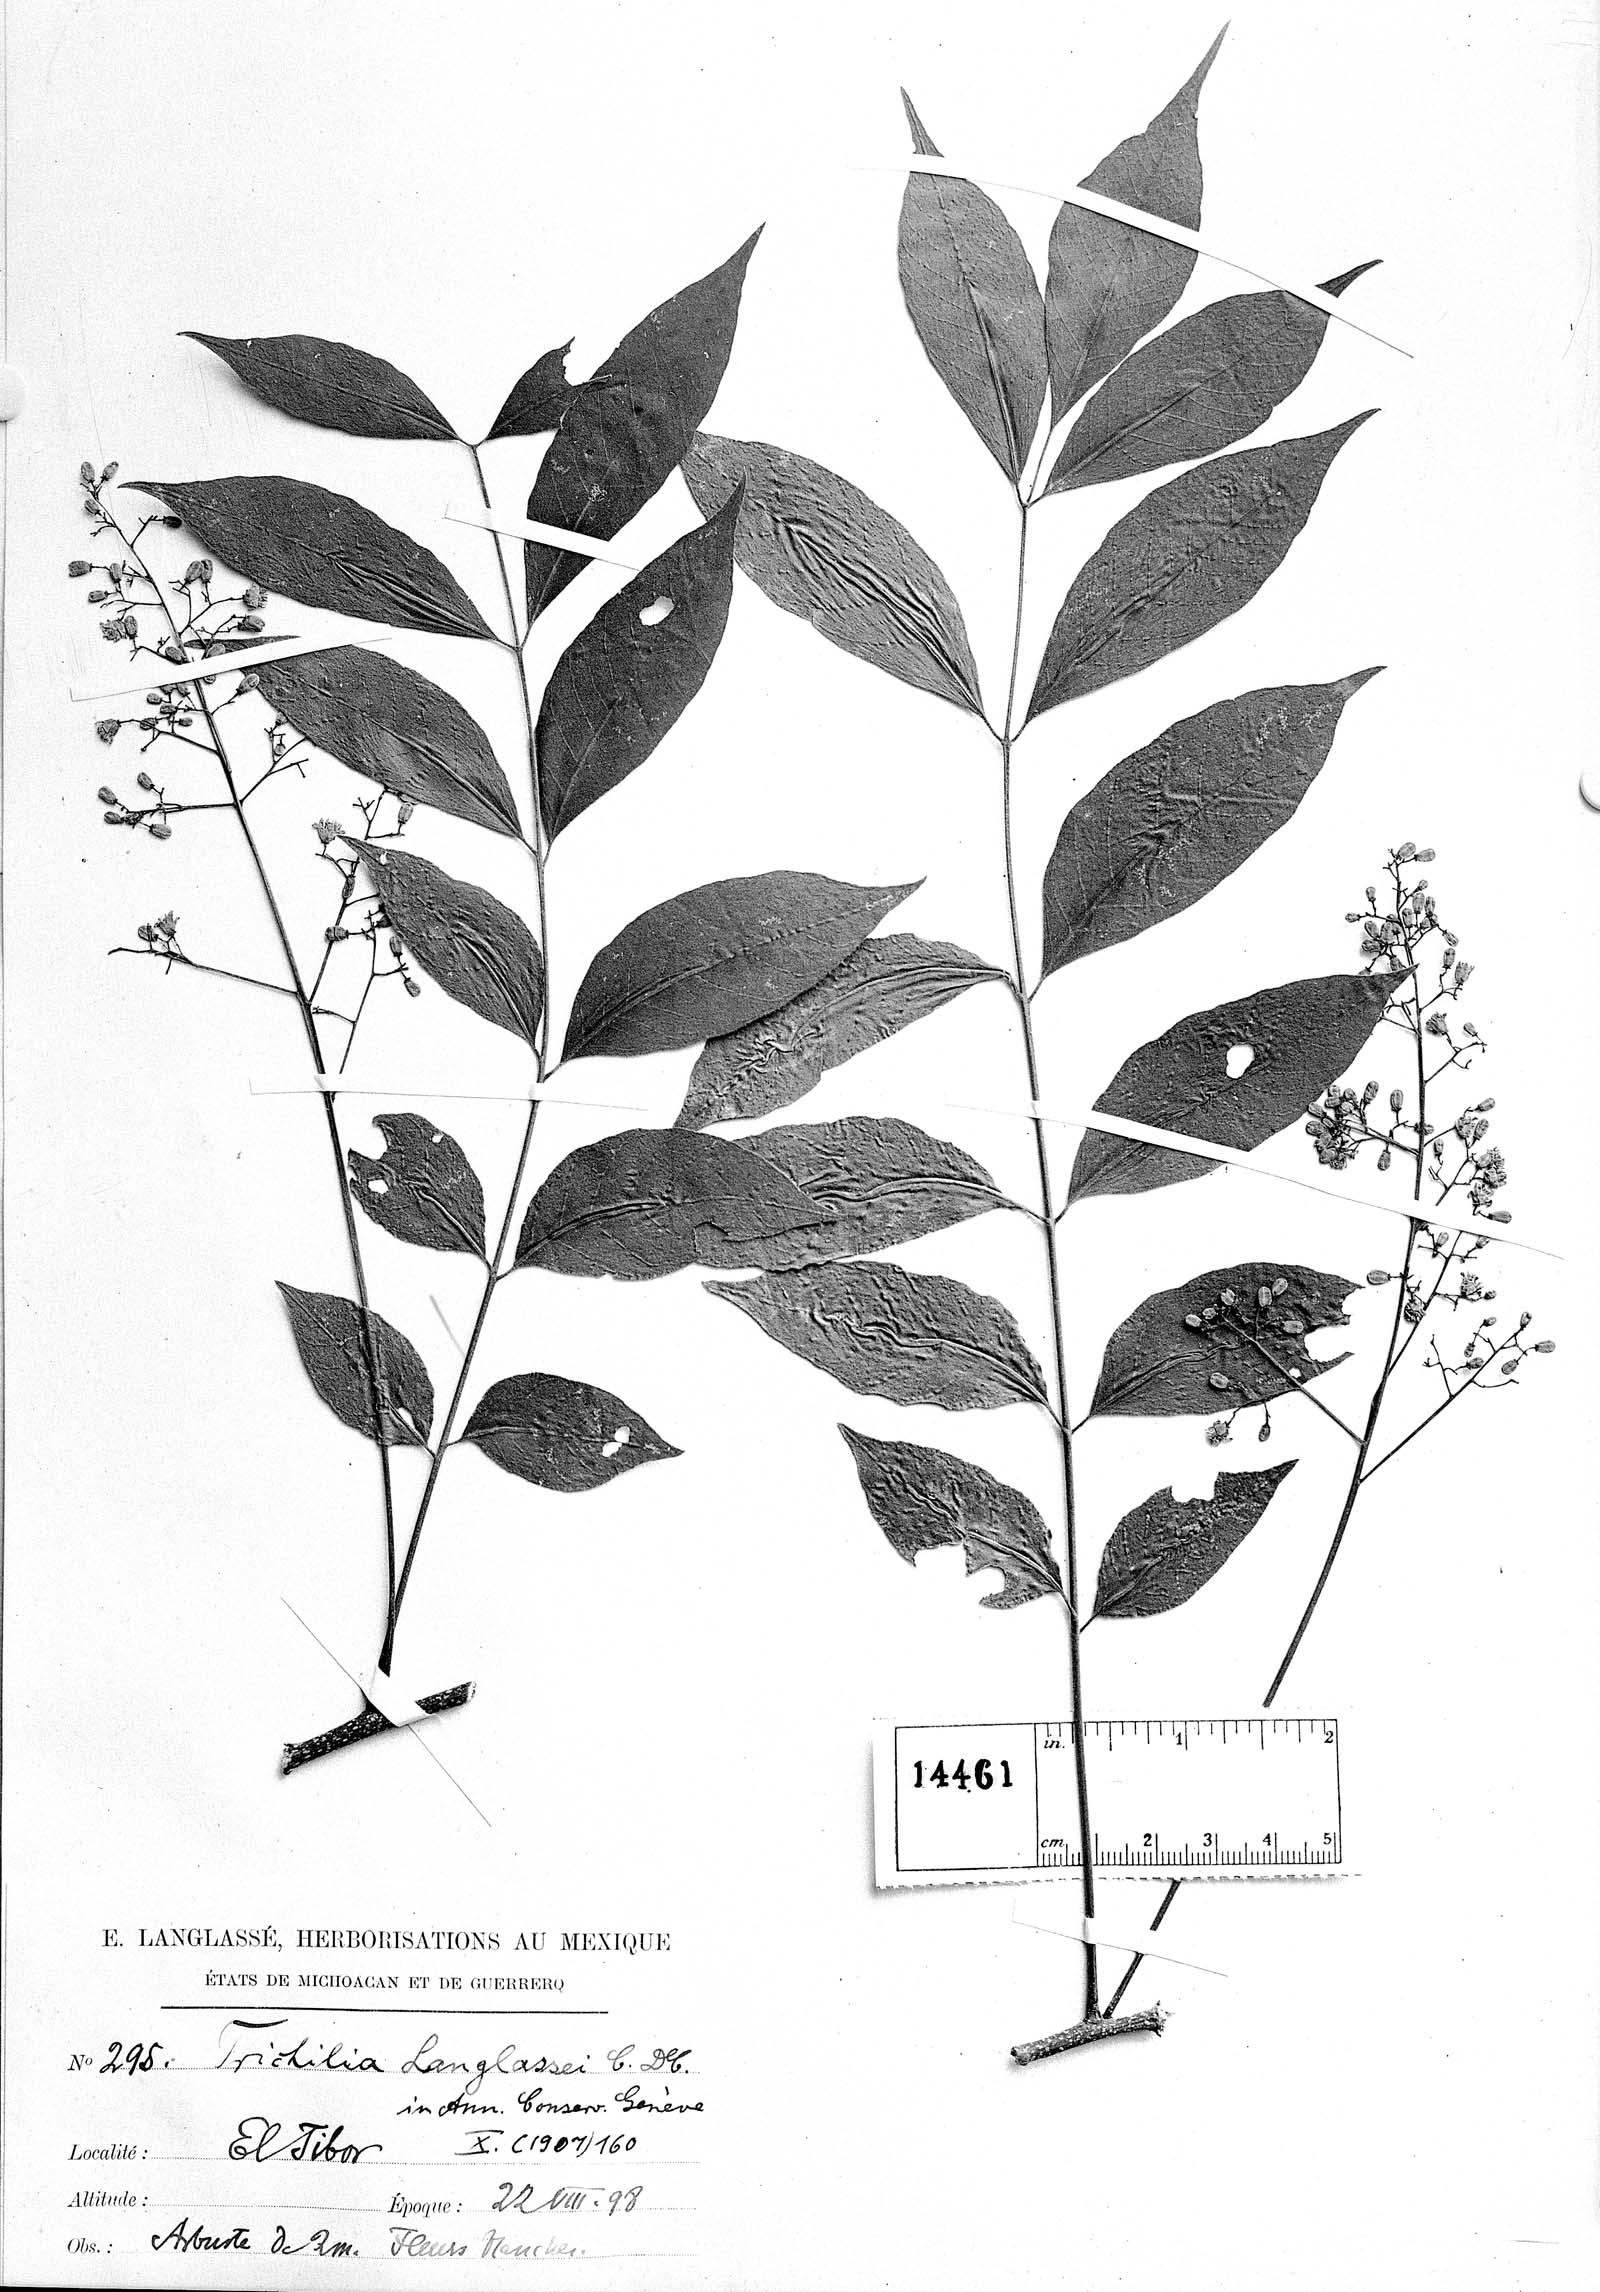 Trichilia americana image